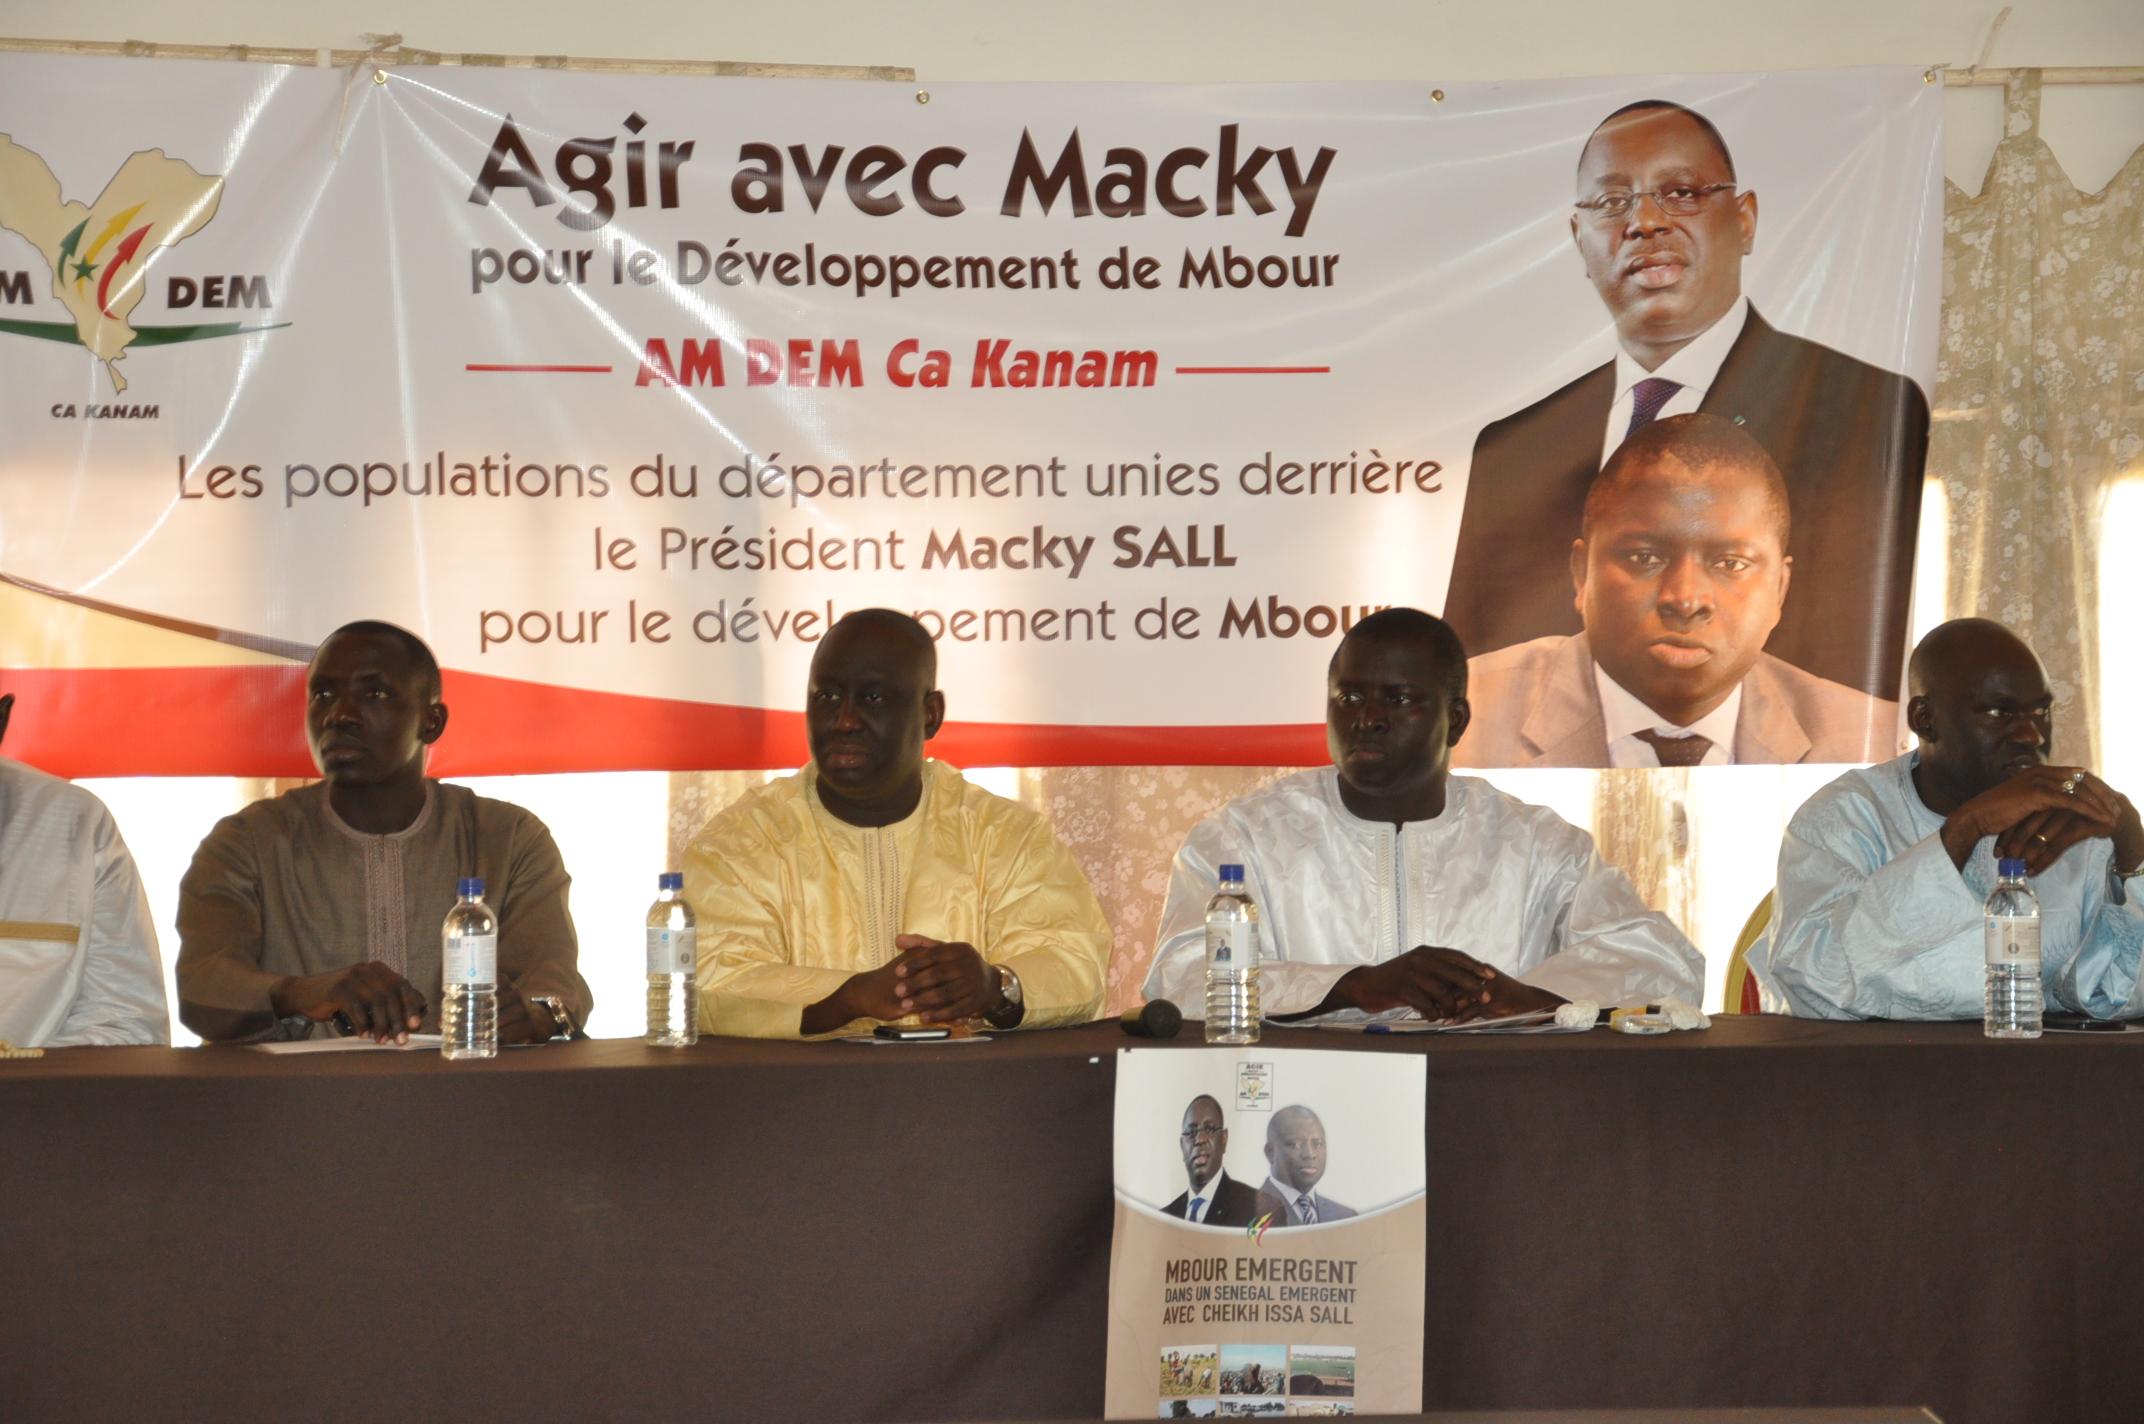 MBOUR : Lancement des activités de « AM DEM Ca Kanam »